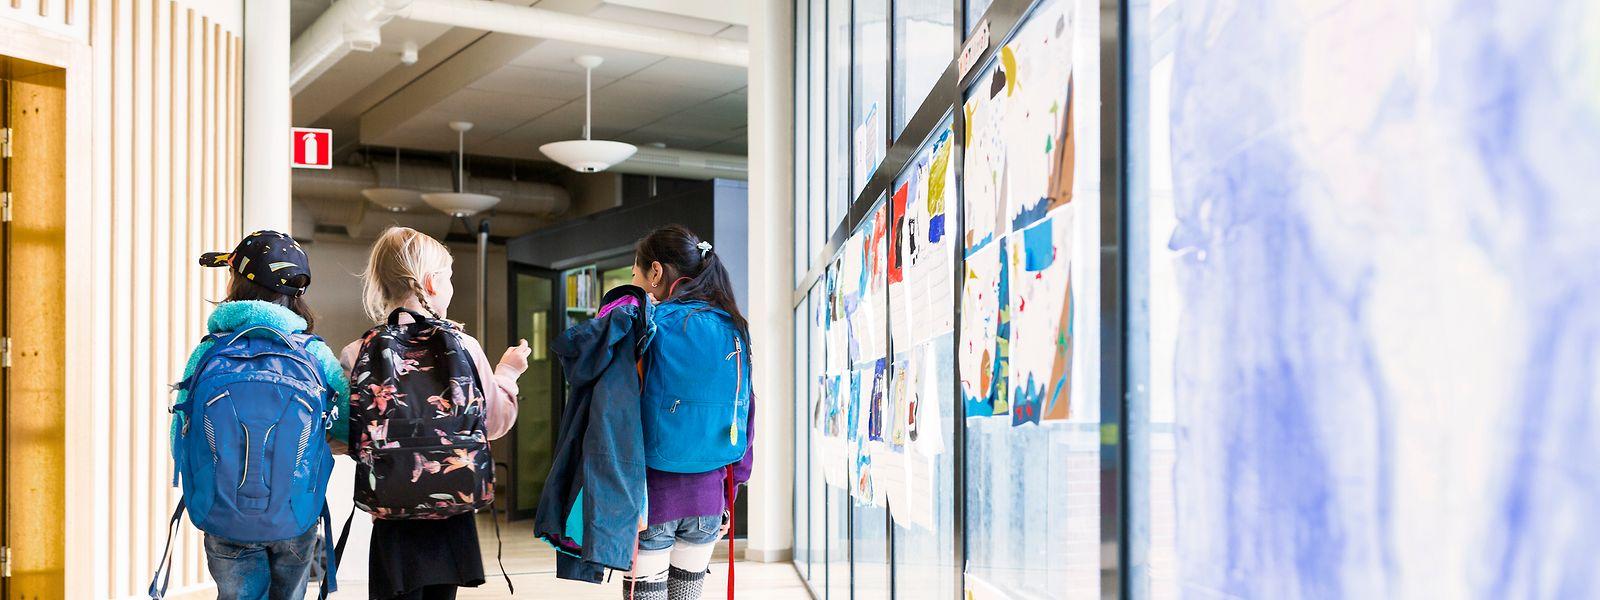 Ainsi, plus de 48% des élèves ont été orientés vers l'enseignement secondaire général (technique) contre 39,8% pour une secondaire classique.